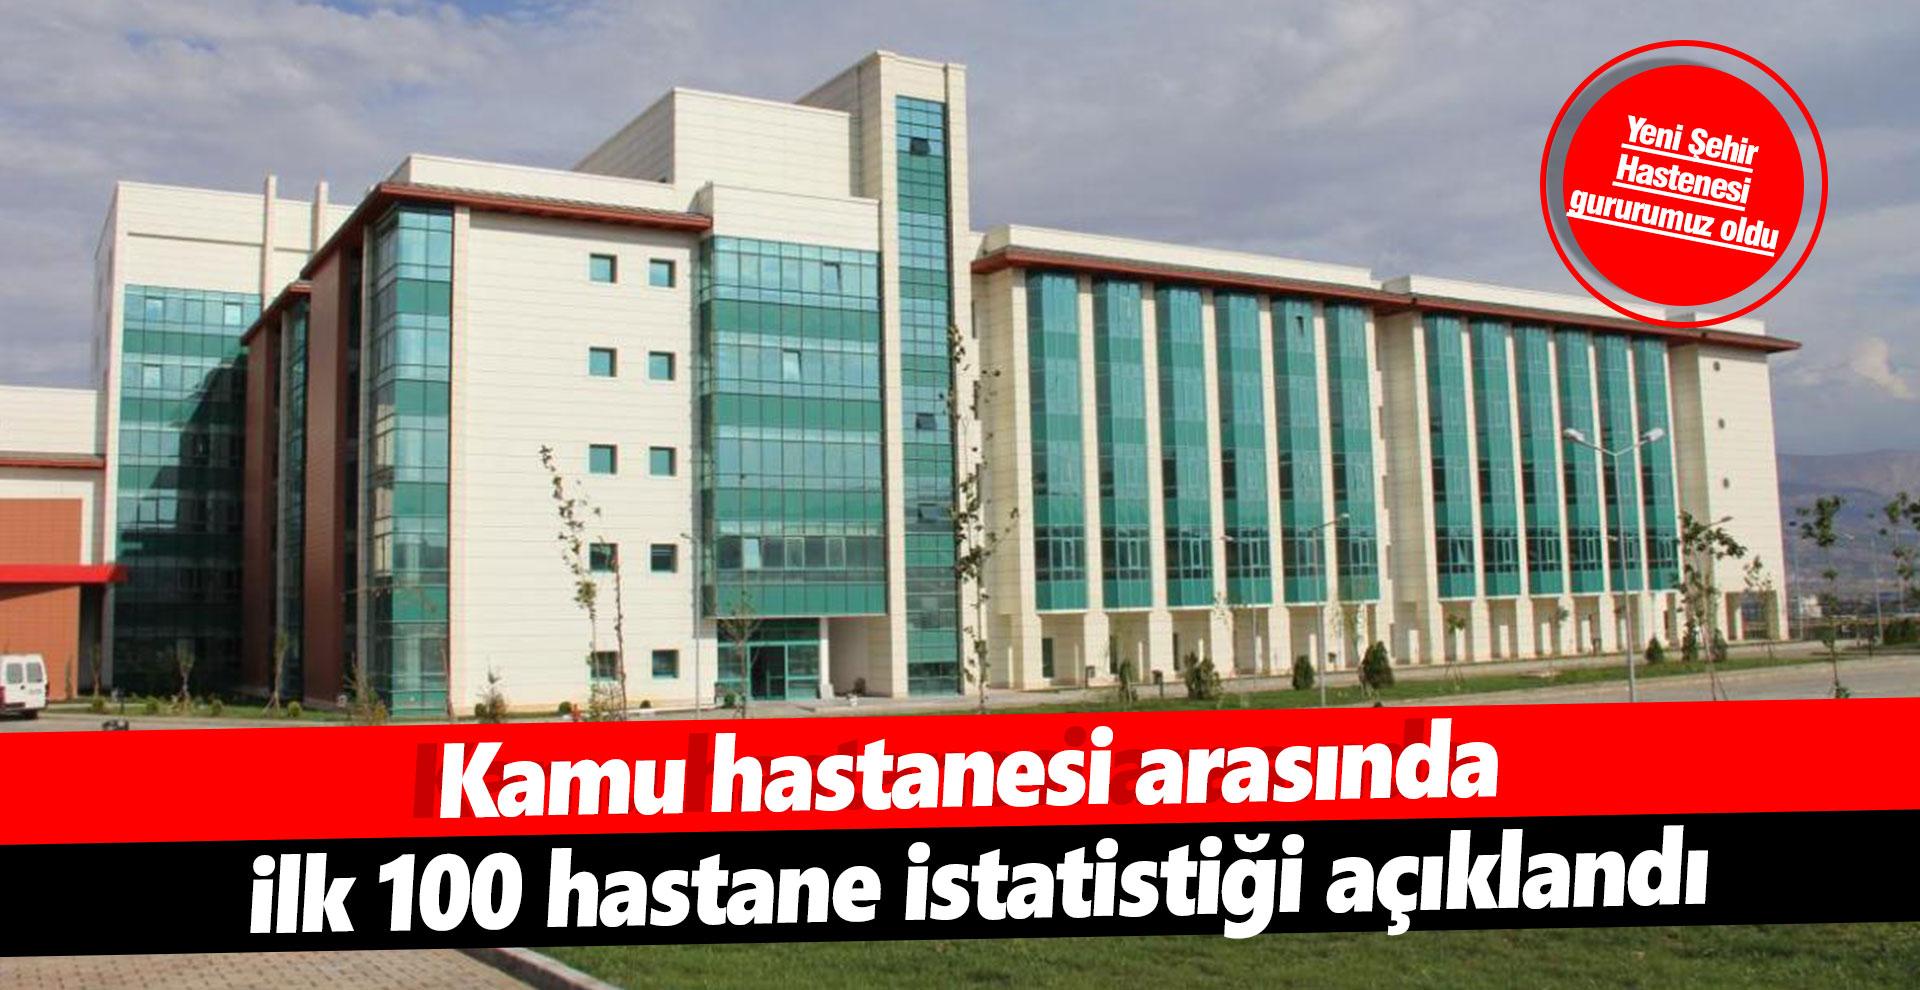 Kamu hastanesi arasında ilk 100 hastane istatistiği açıklandı